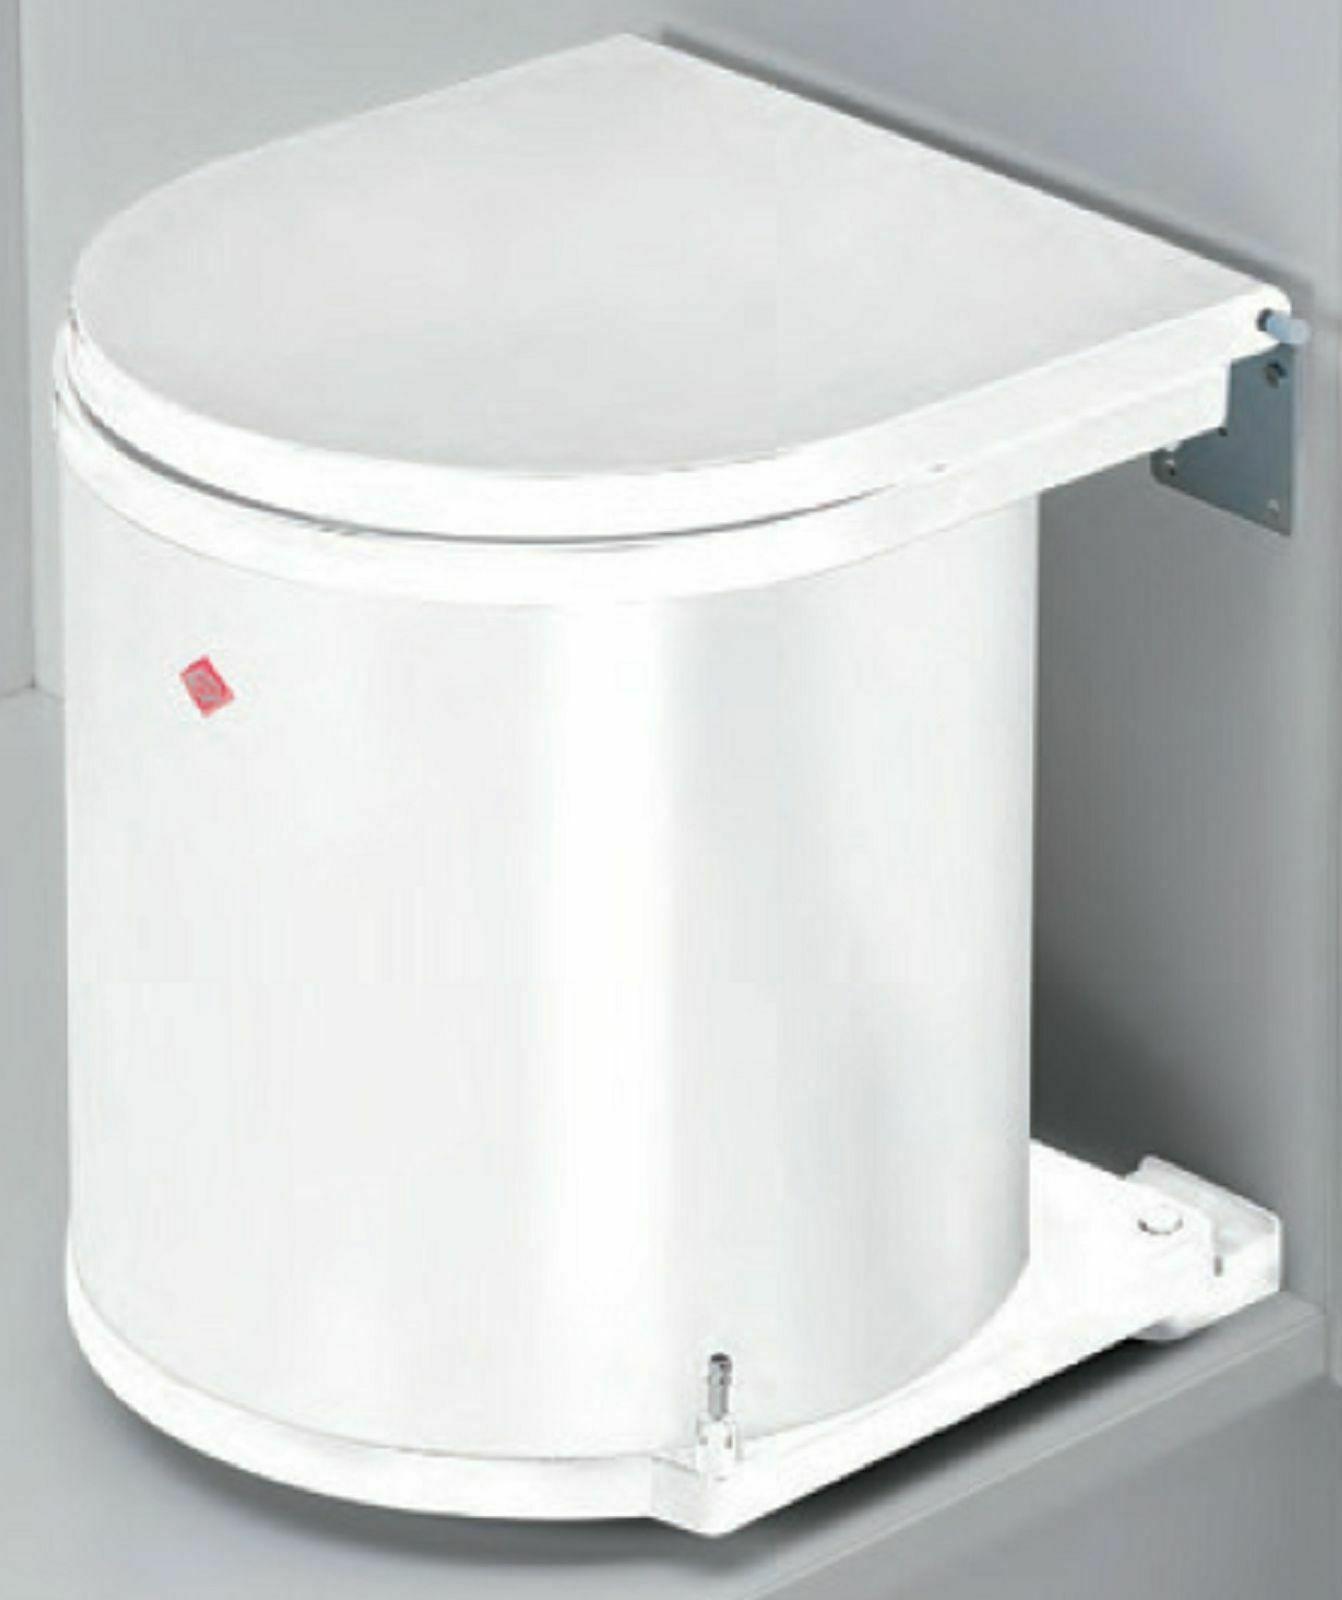 Küchen Mülleimer Wesco Single Abfalleimer 1x11 Liter Einbau ...